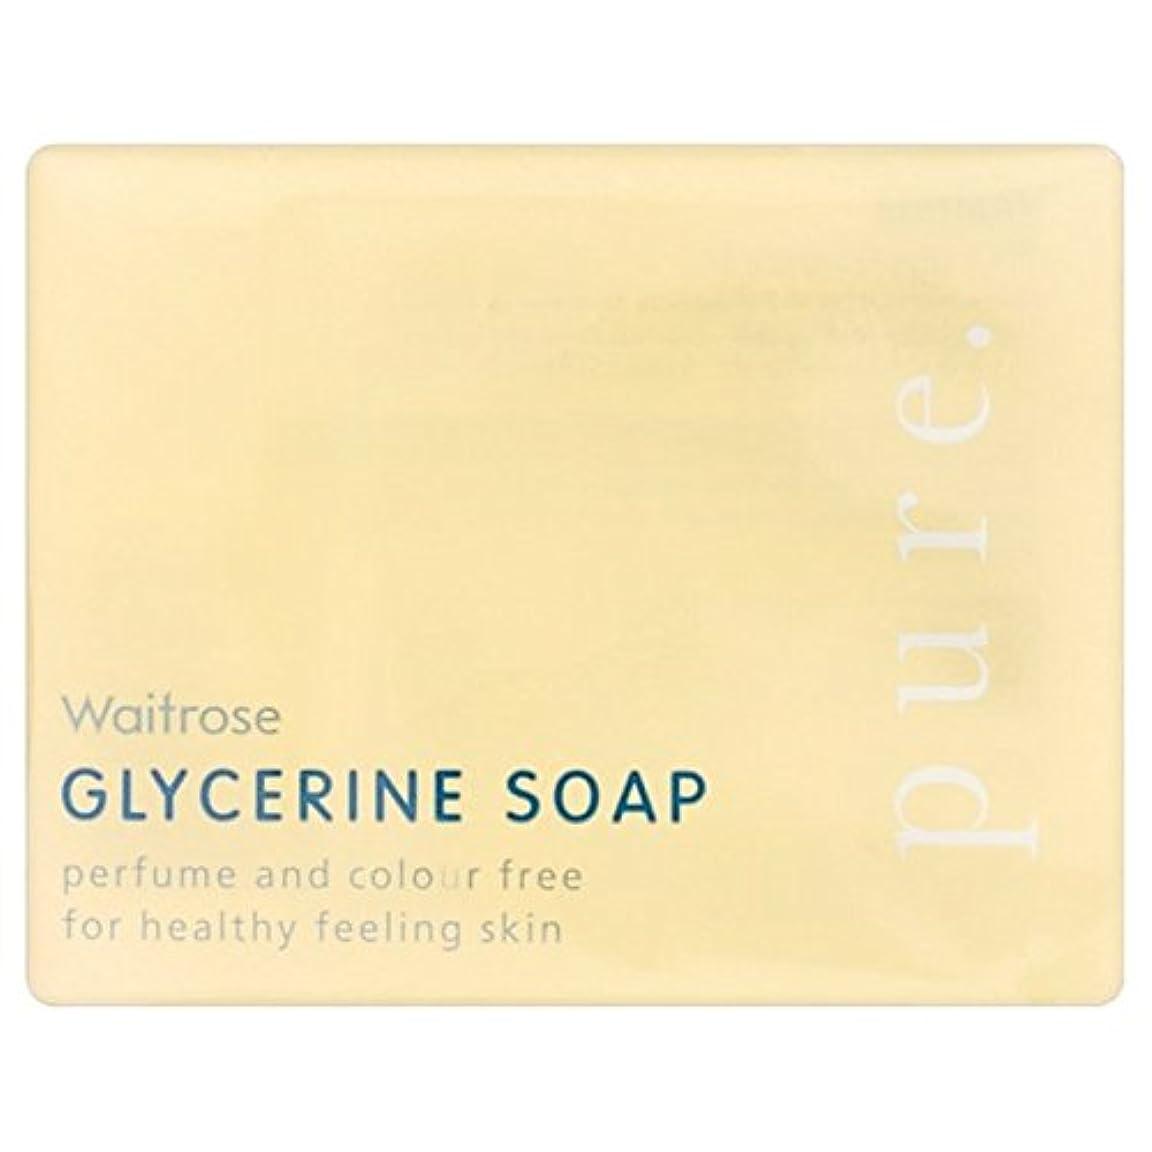 アグネスグレイ削減終わった純粋なグリセリンソープウェイトローズの100グラム x2 - Pure Glycerine Soap Waitrose 100g (Pack of 2) [並行輸入品]